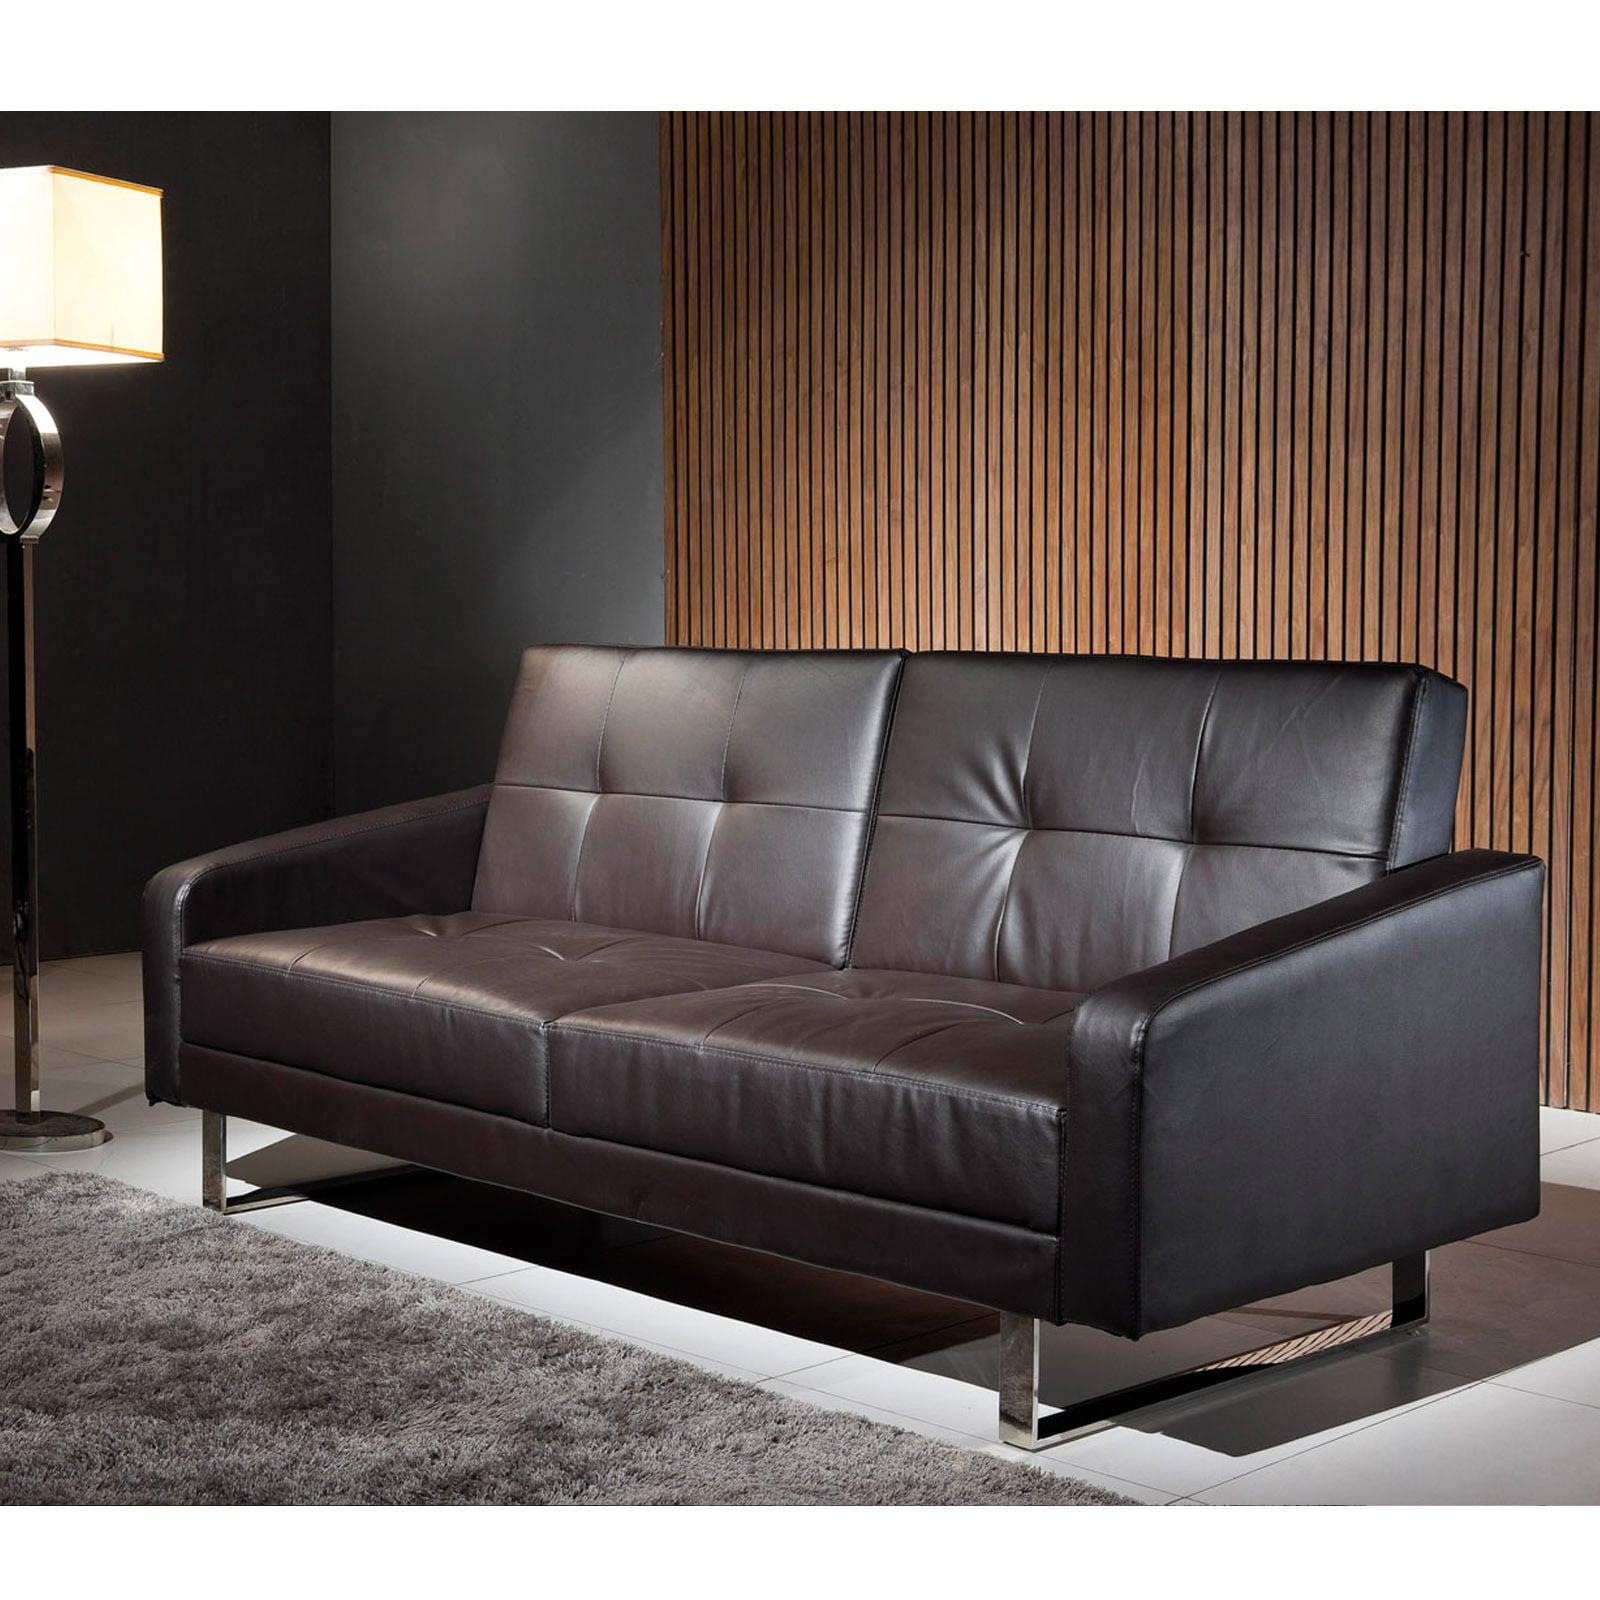 Corvus Dark Brown Sofa Bed with Stainless Steel Legs (SF0...